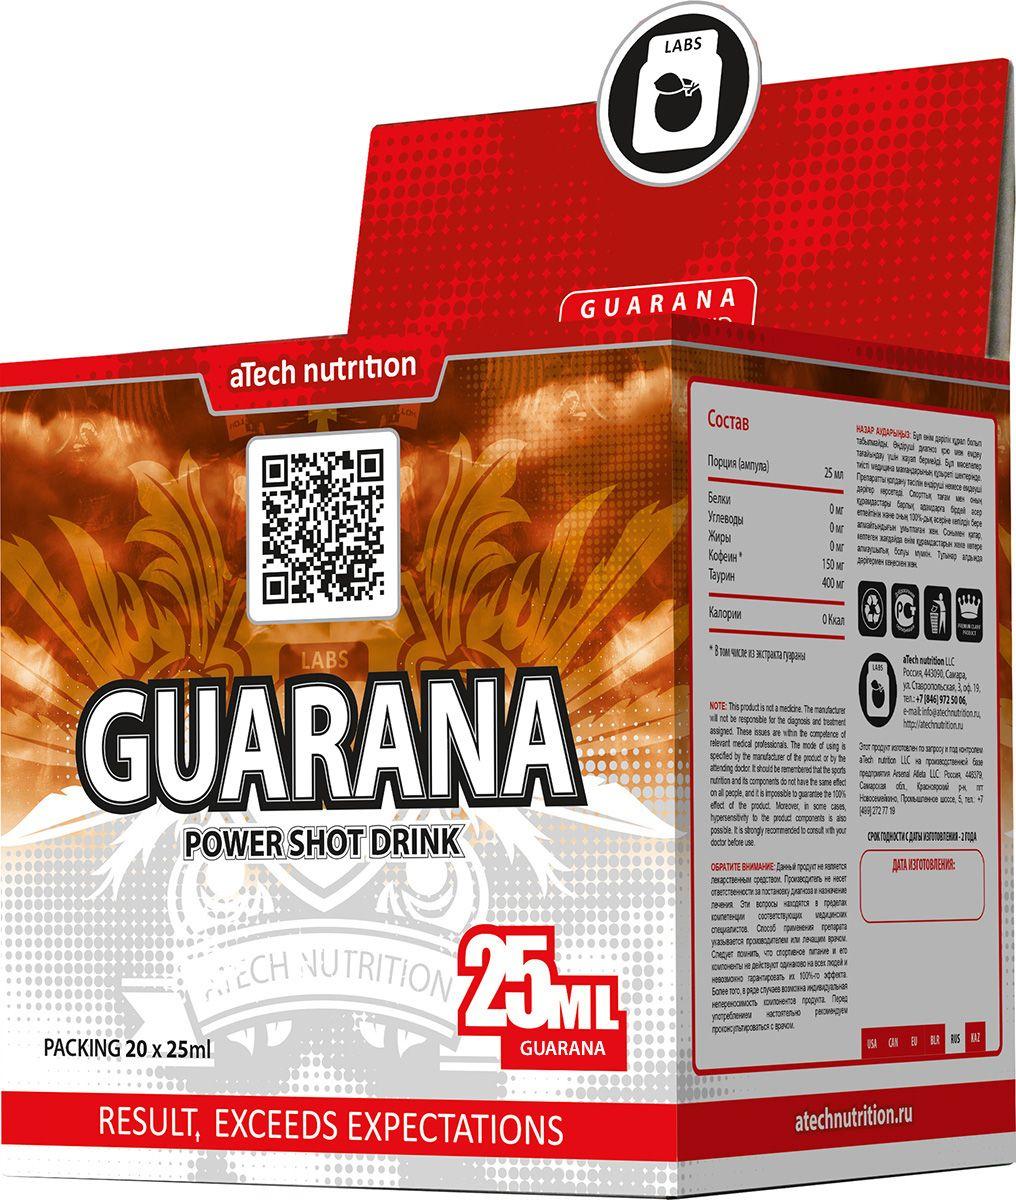 Энергетический напиток aTech Nutrition Guarana Power Shot Drink, гуарана, 25 мл, 20 шт энергетический напиток bbb guarana shots вишня 20 ампул 1500 мг в ампуле